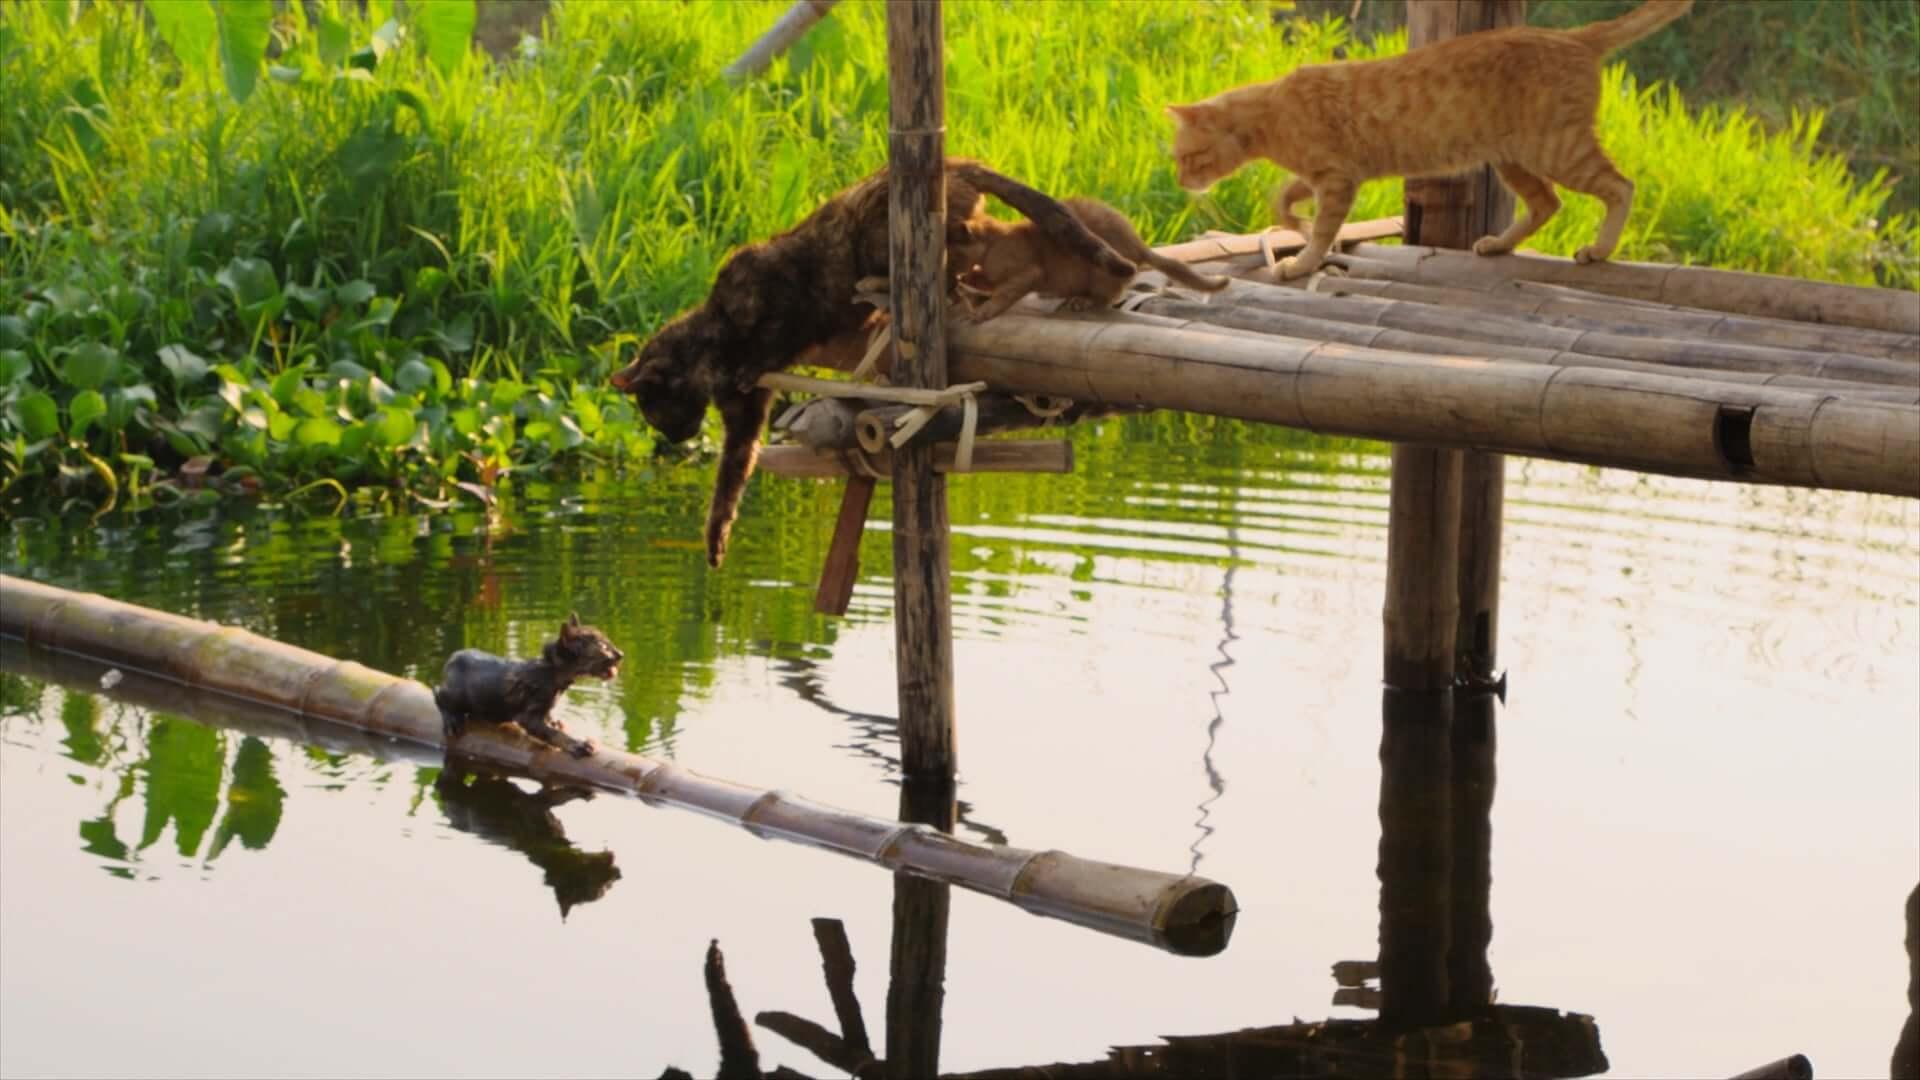 湖上で暮らす子ネコに初めての試練が!岩合光昭監督作『劇場版 岩合光昭の世界ネコ歩き あるがままに、水と大地のネコ家族』本編映像が解禁 film201222_sekainekoaruki_2-1920x1080